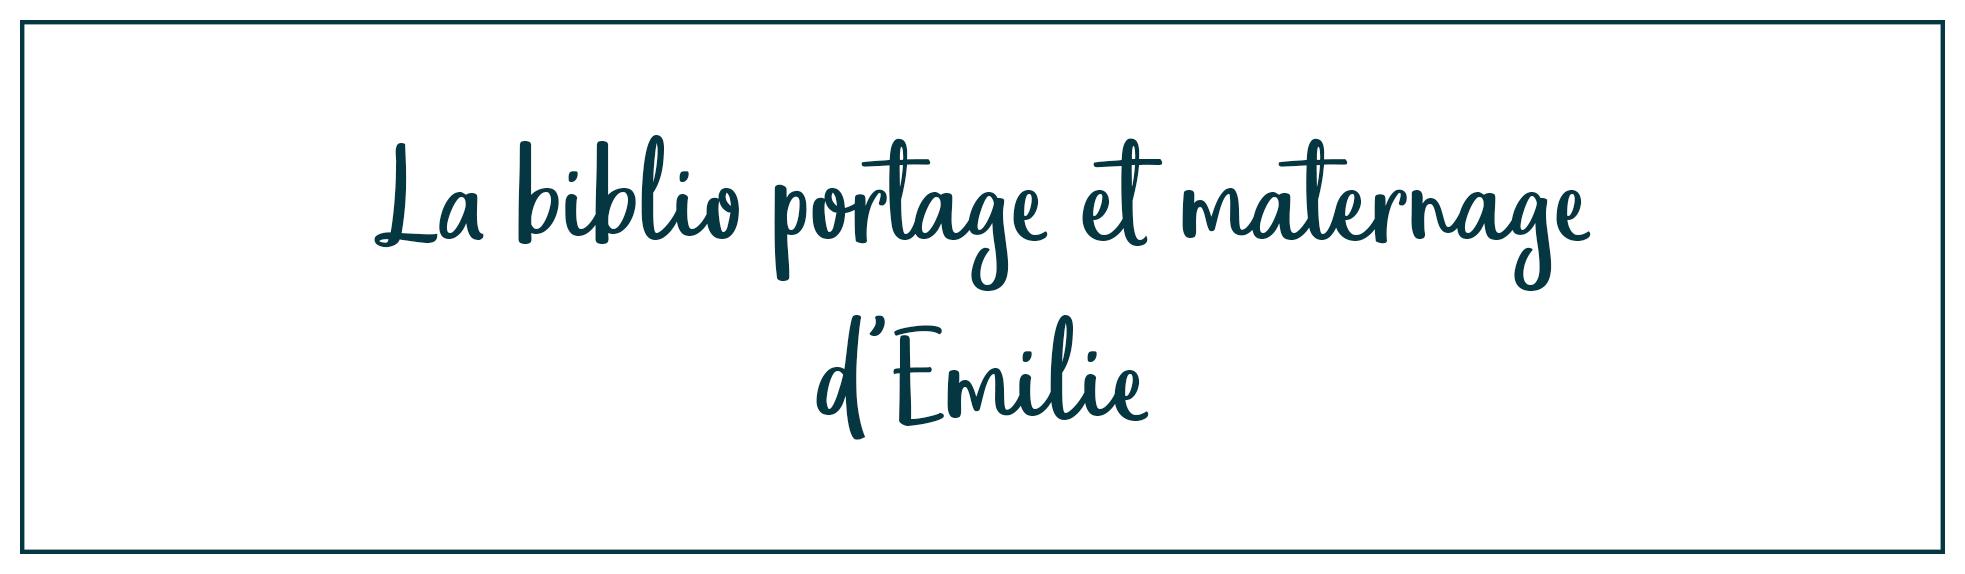 La biblio portage et maternage d'Emilie